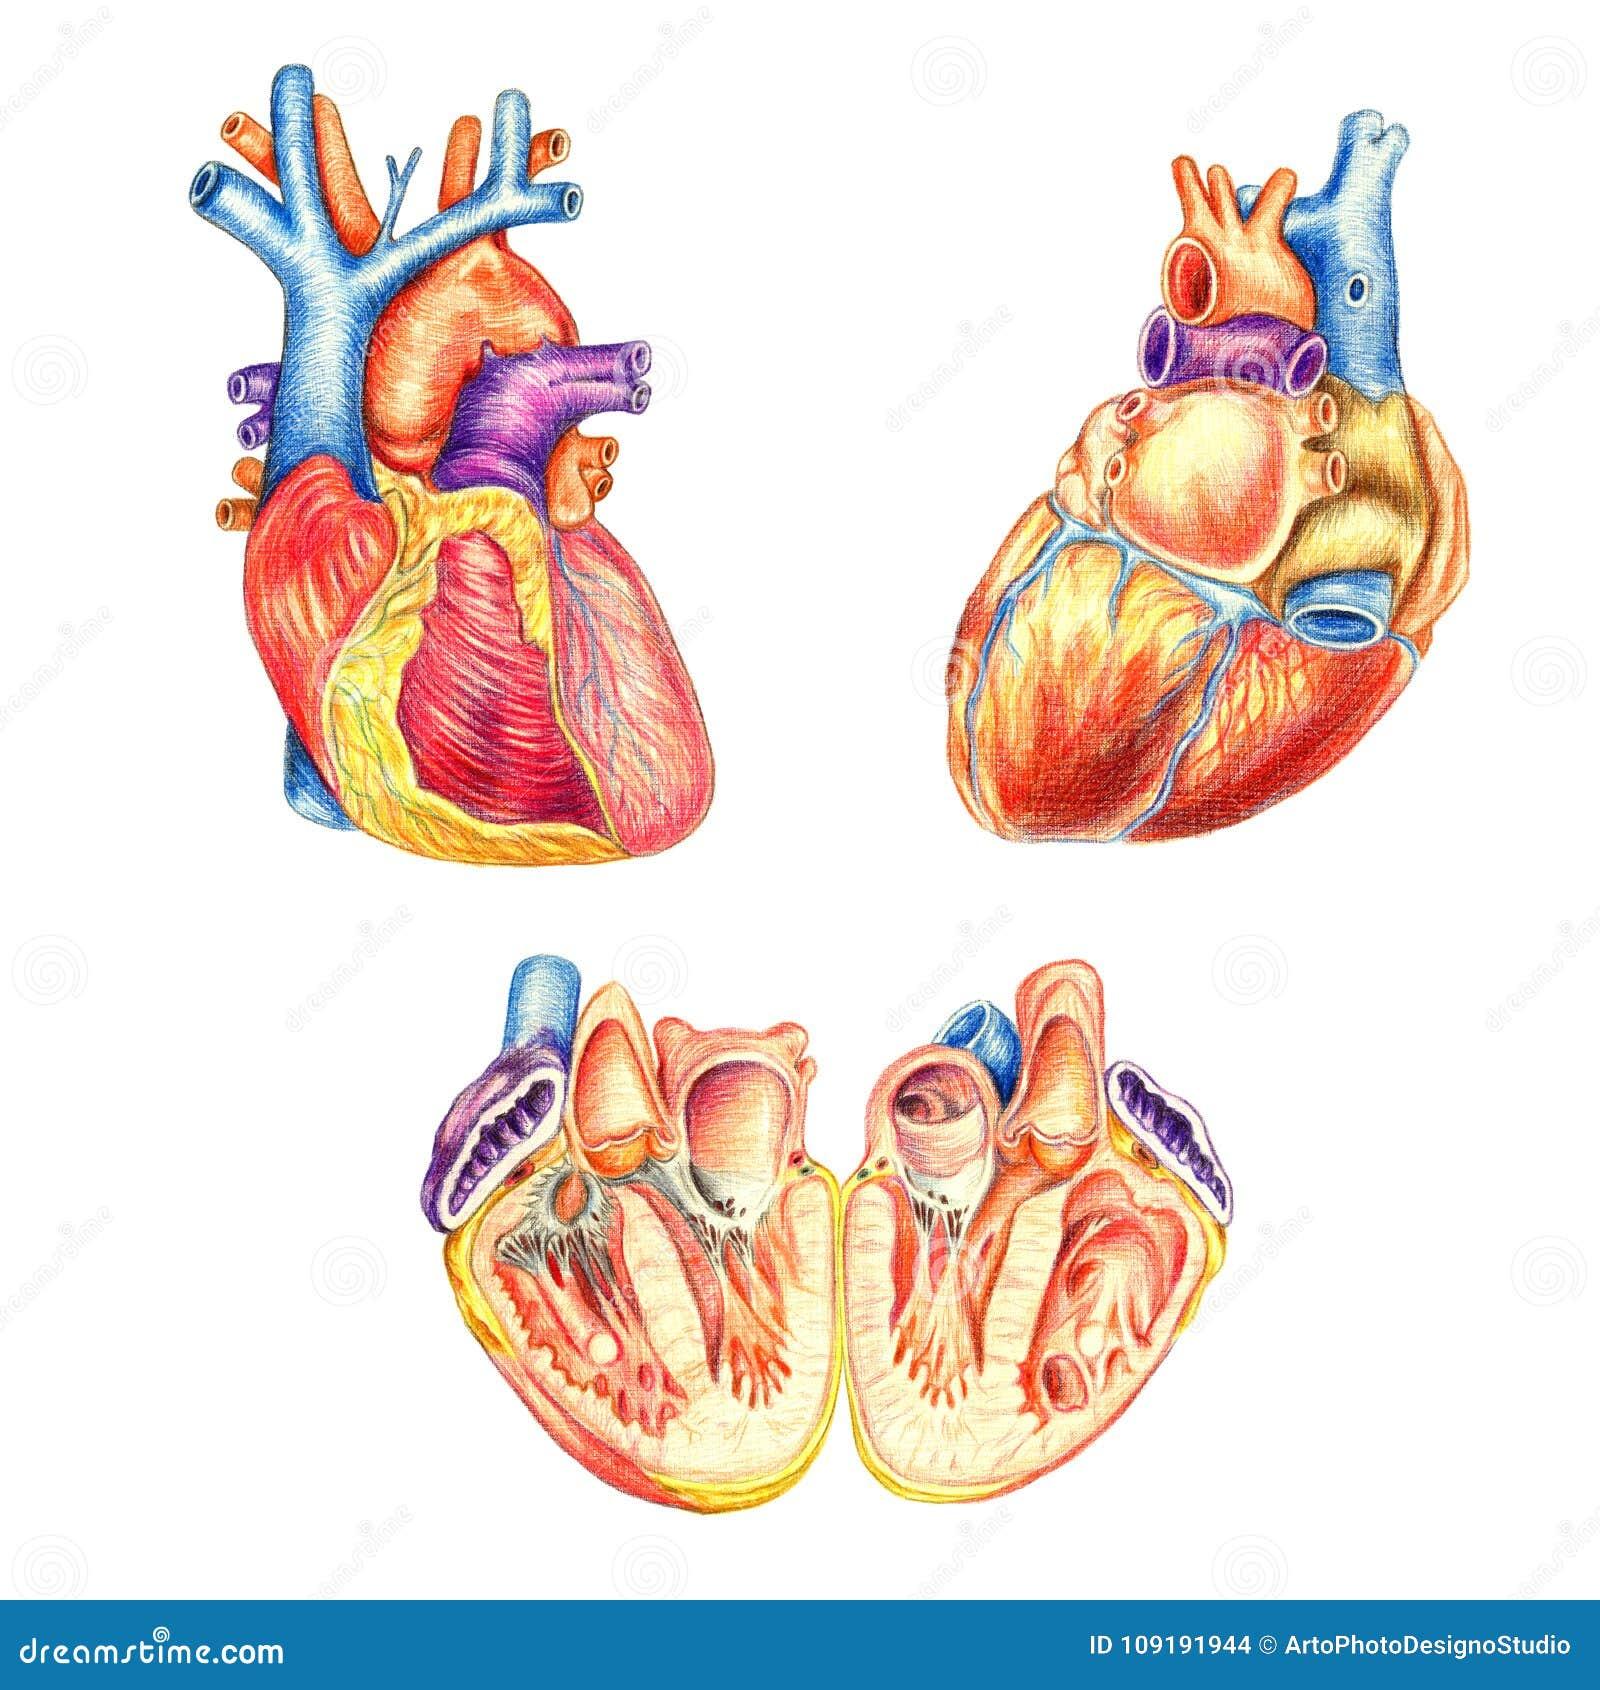 El Corazón Humano Visto Del Frente, Detrás Y Longitudinalmente Corte ...